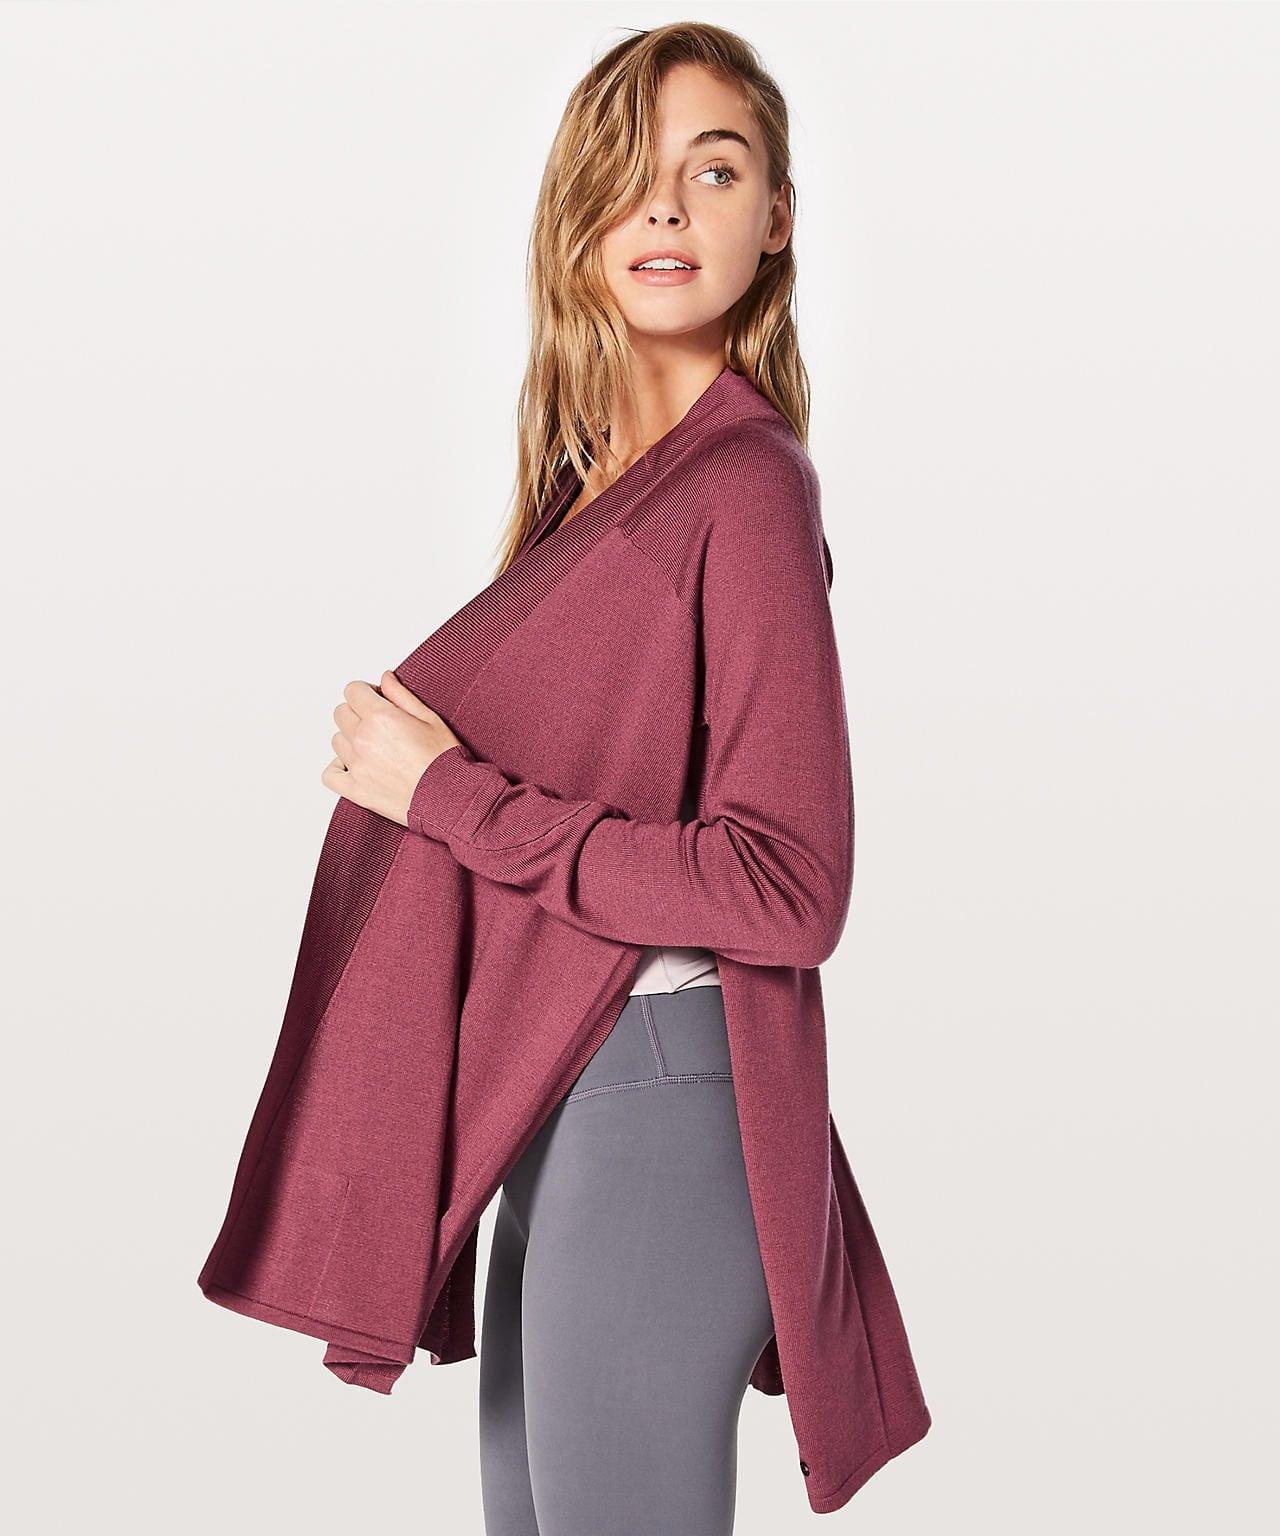 Blissful Zen Sweater